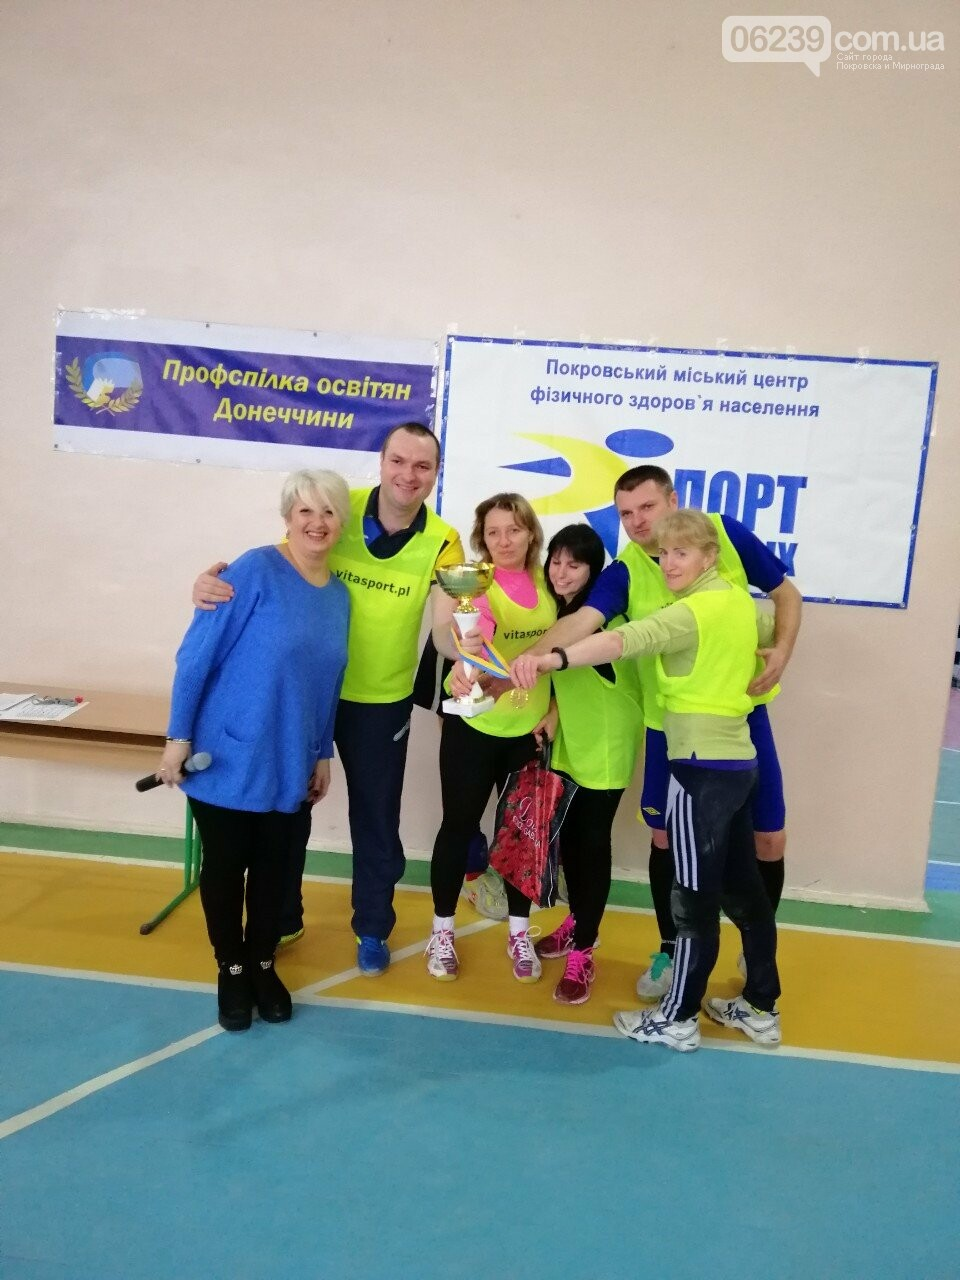 У Покровську пройшла XXI спартакіада «здоров'я», фото-1